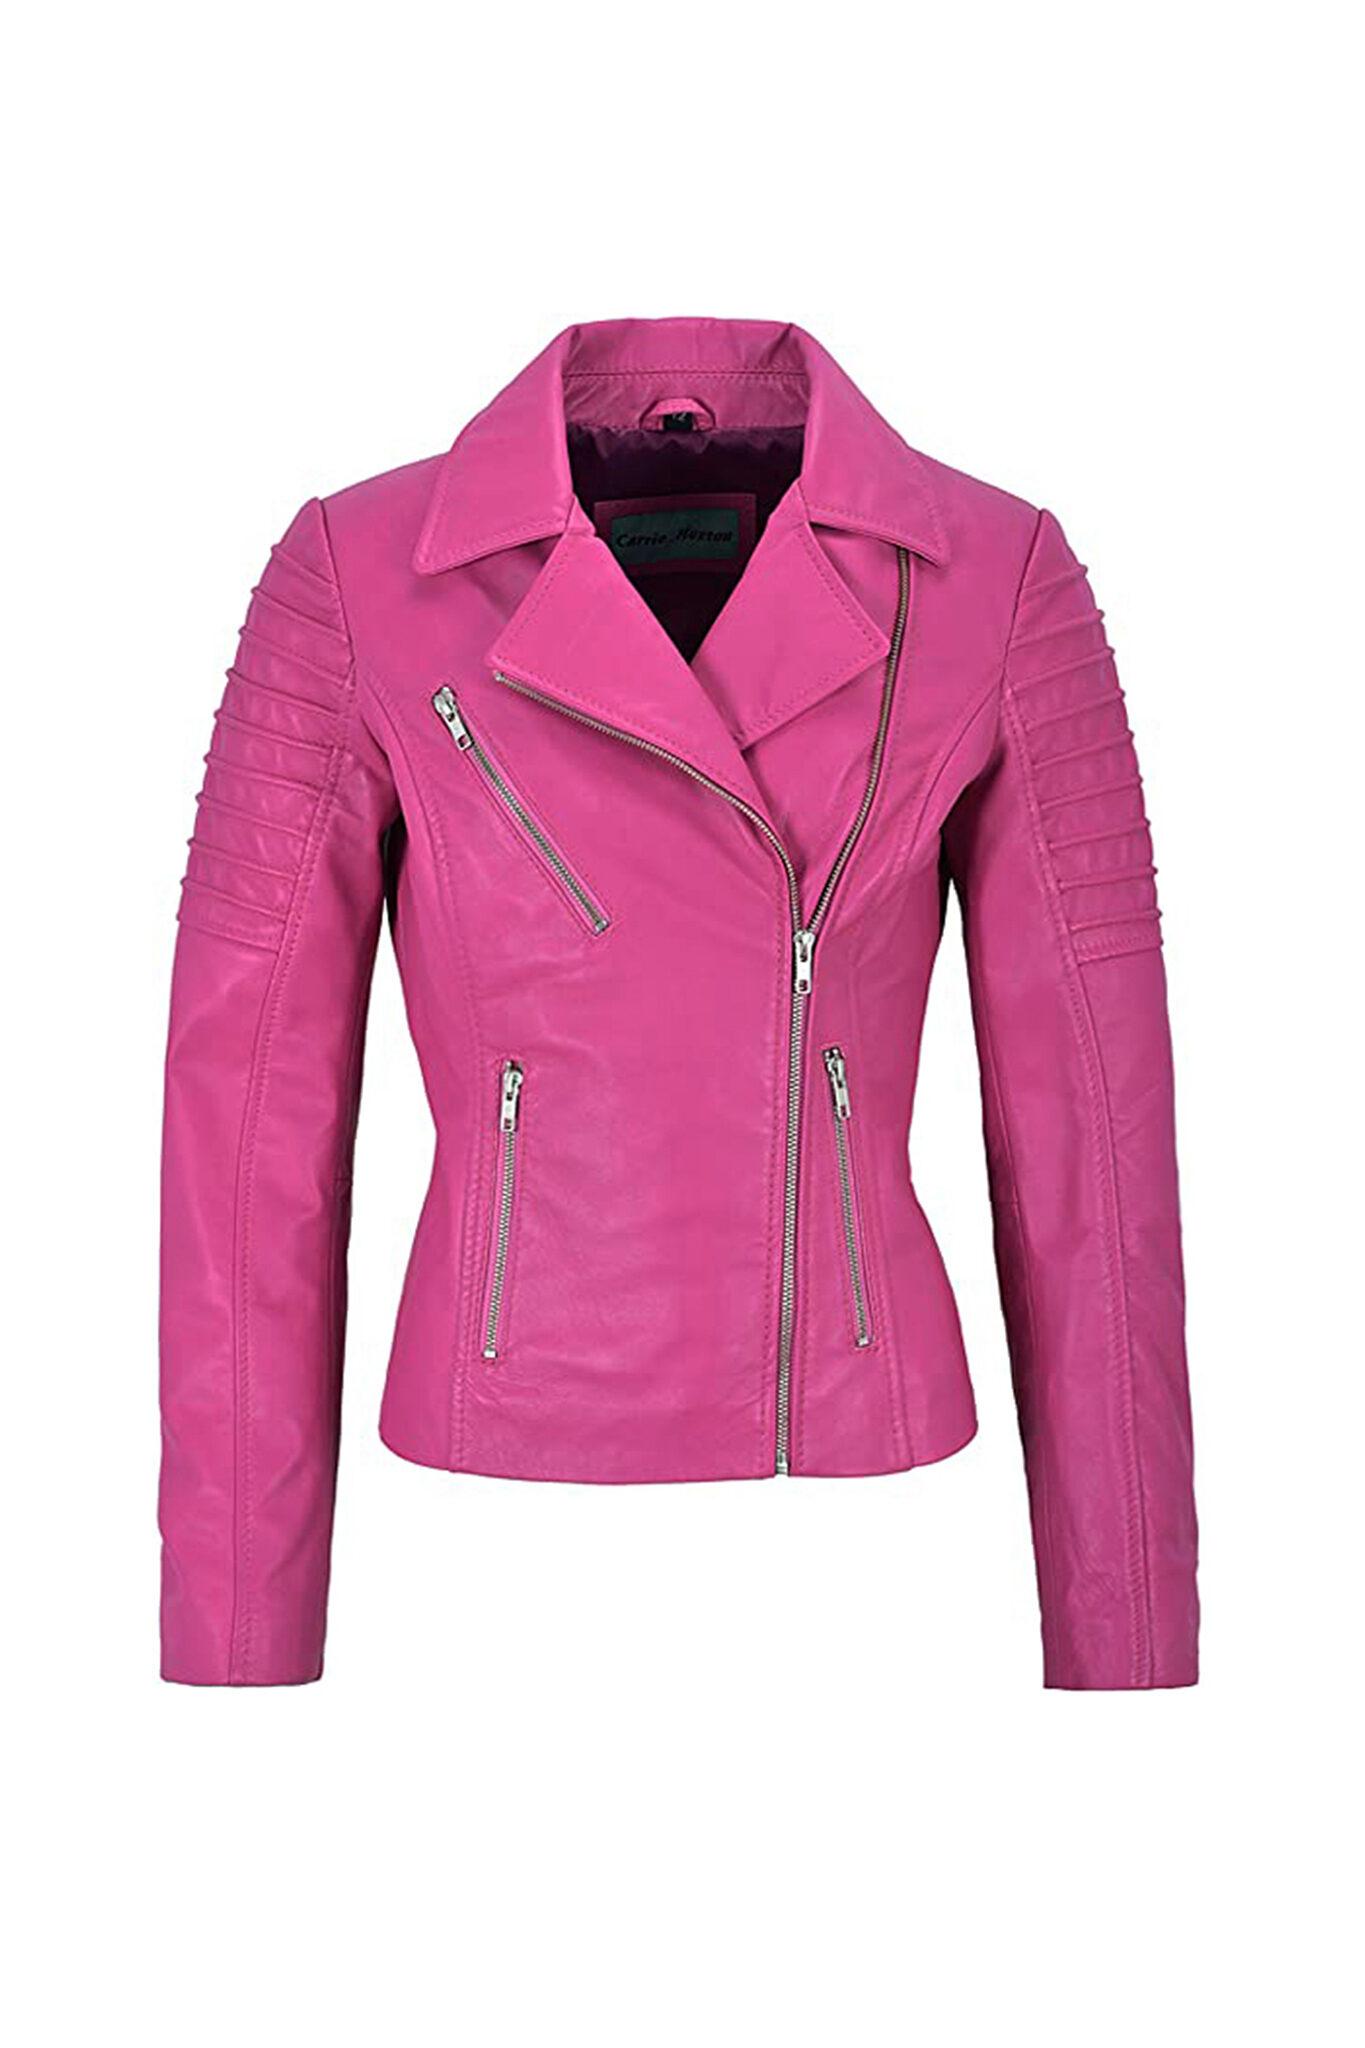 Women's Pink Biker Motorcycle Sheepskin Leather Jacket